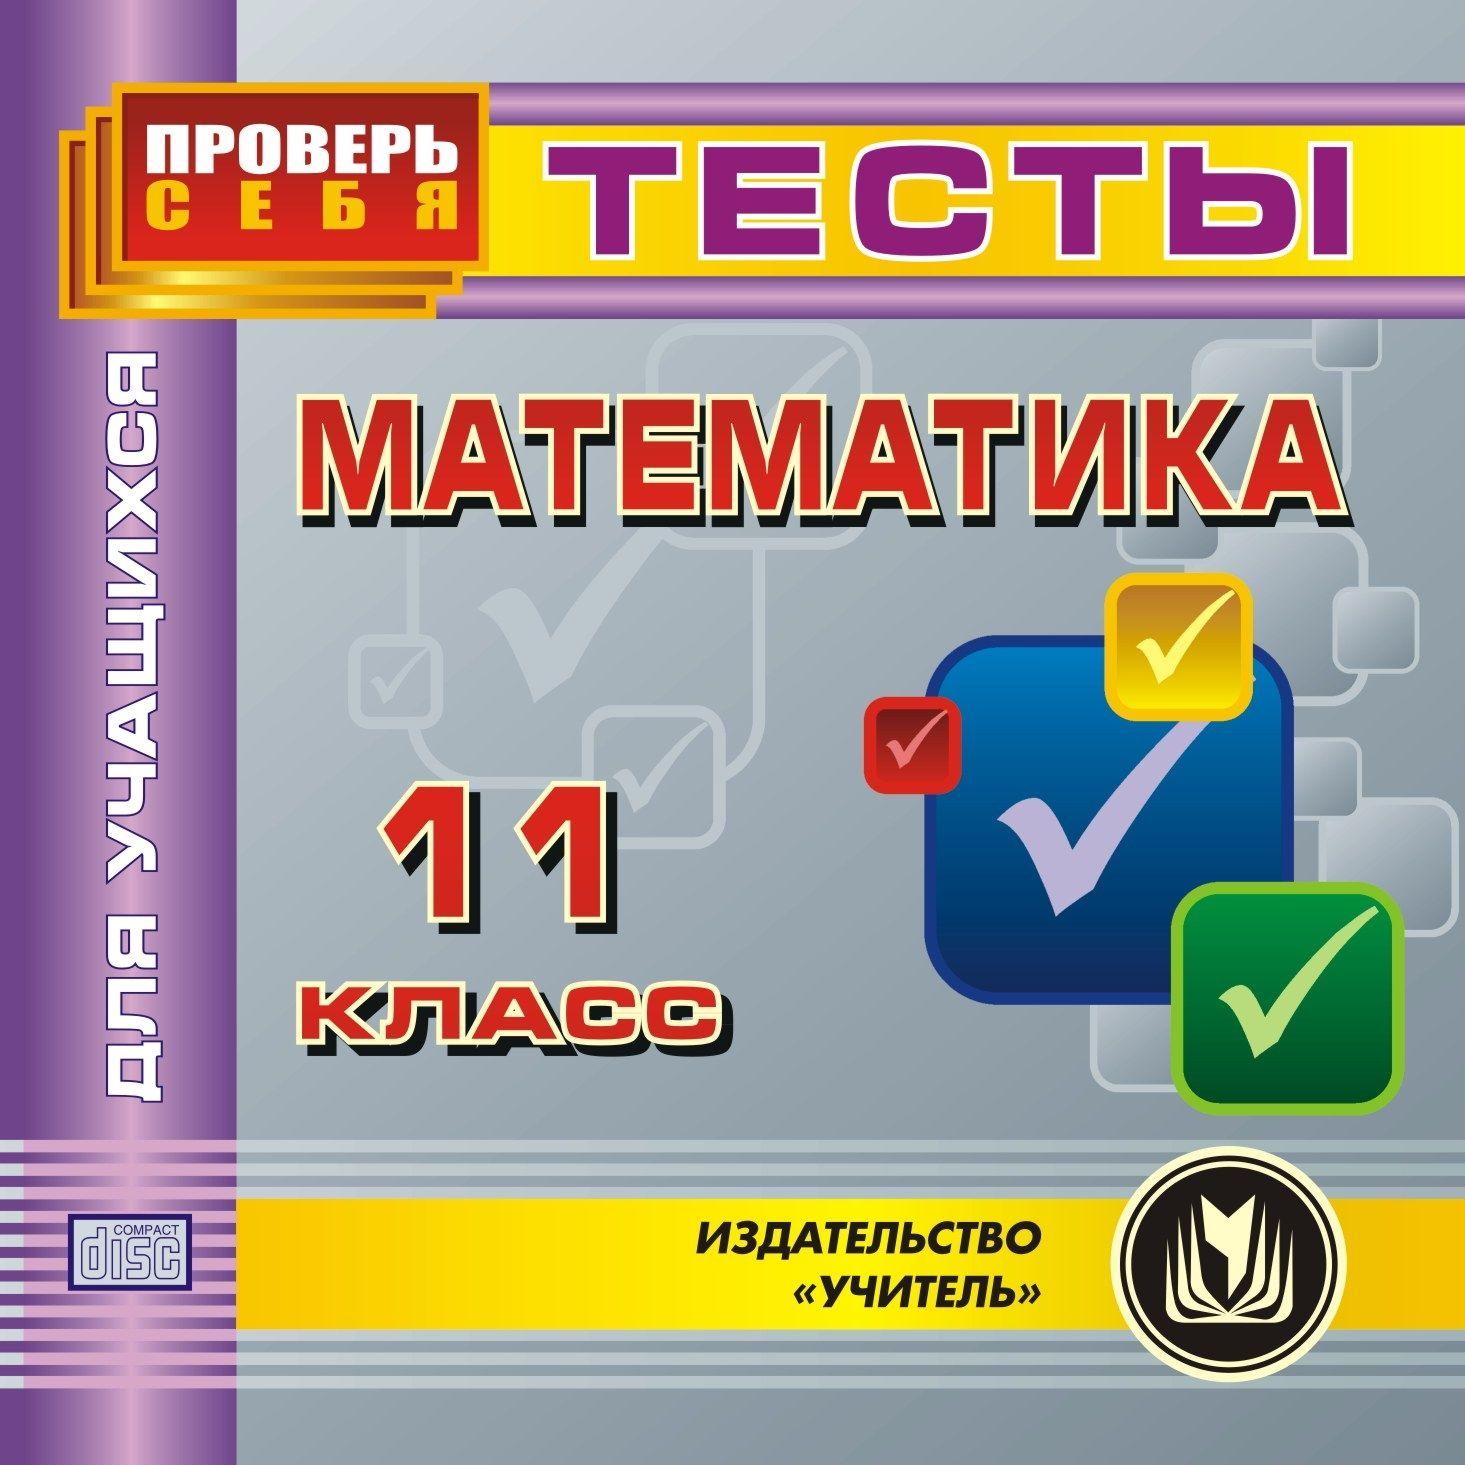 Математика. 11 класс. Тесты для учащихся. Компакт-диск для компьютераСредняя школа<br>Компакт-диск Математика. 11 класс. Тесты для учащихся серии Проверь себя - современное электронное пособие, которое поможет учащимся 11 класса общеобразовательных школ, гимназий и лицеев самостоятельно проверить свои знания по математике и подготовить...<br><br>Авторы: Гилярова М. Г.<br>Год: 2012<br>Серия: Проверь себя<br>Высота: 125<br>Ширина: 141<br>Толщина: 10